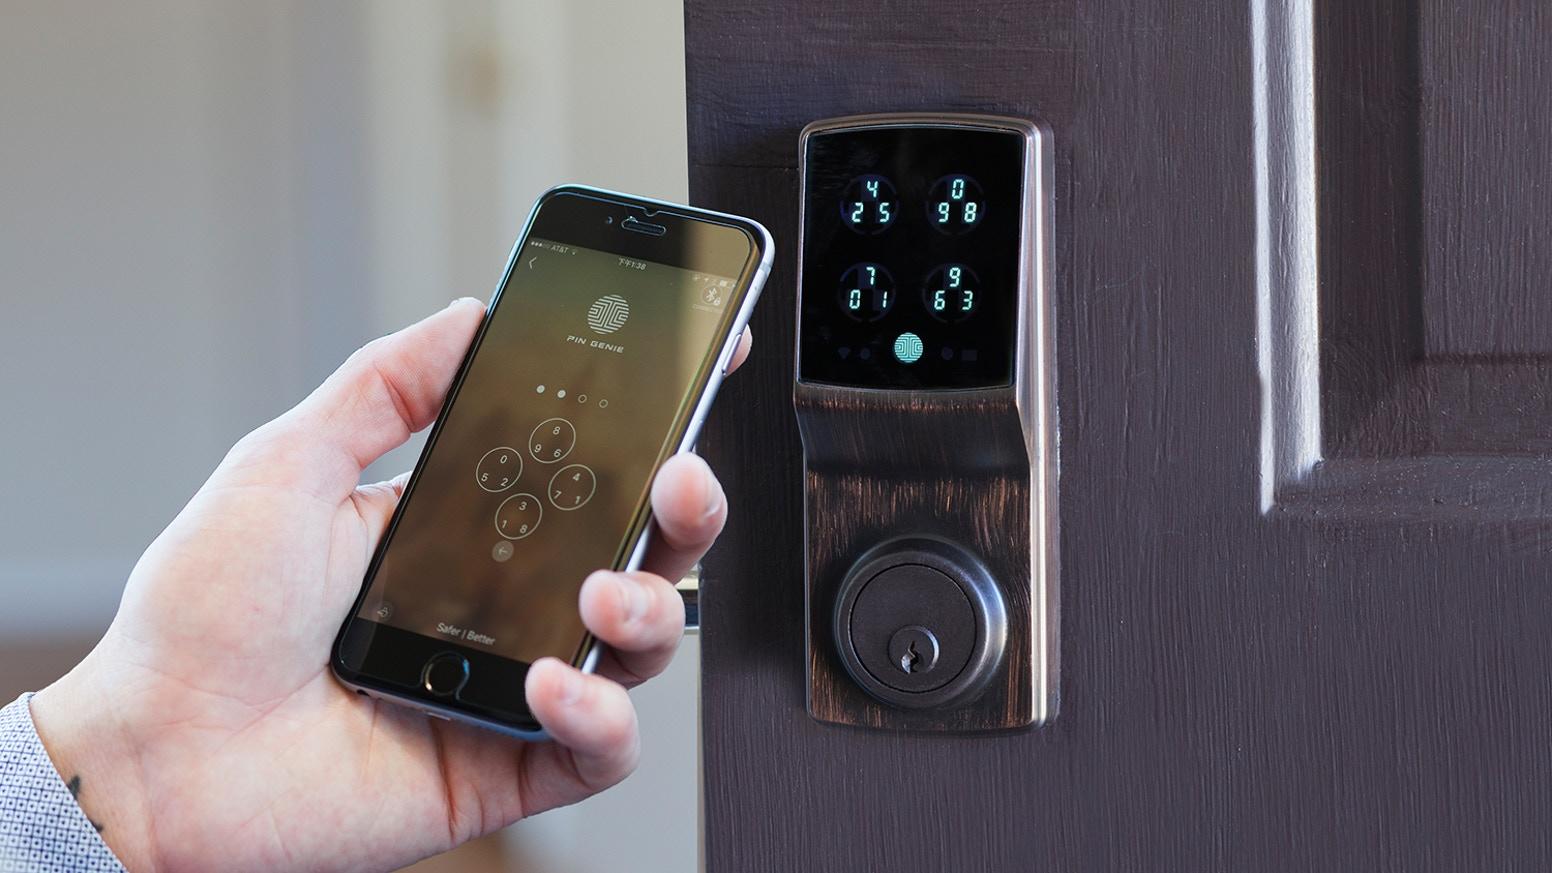 serratura intelligente e smart lock con smartphone